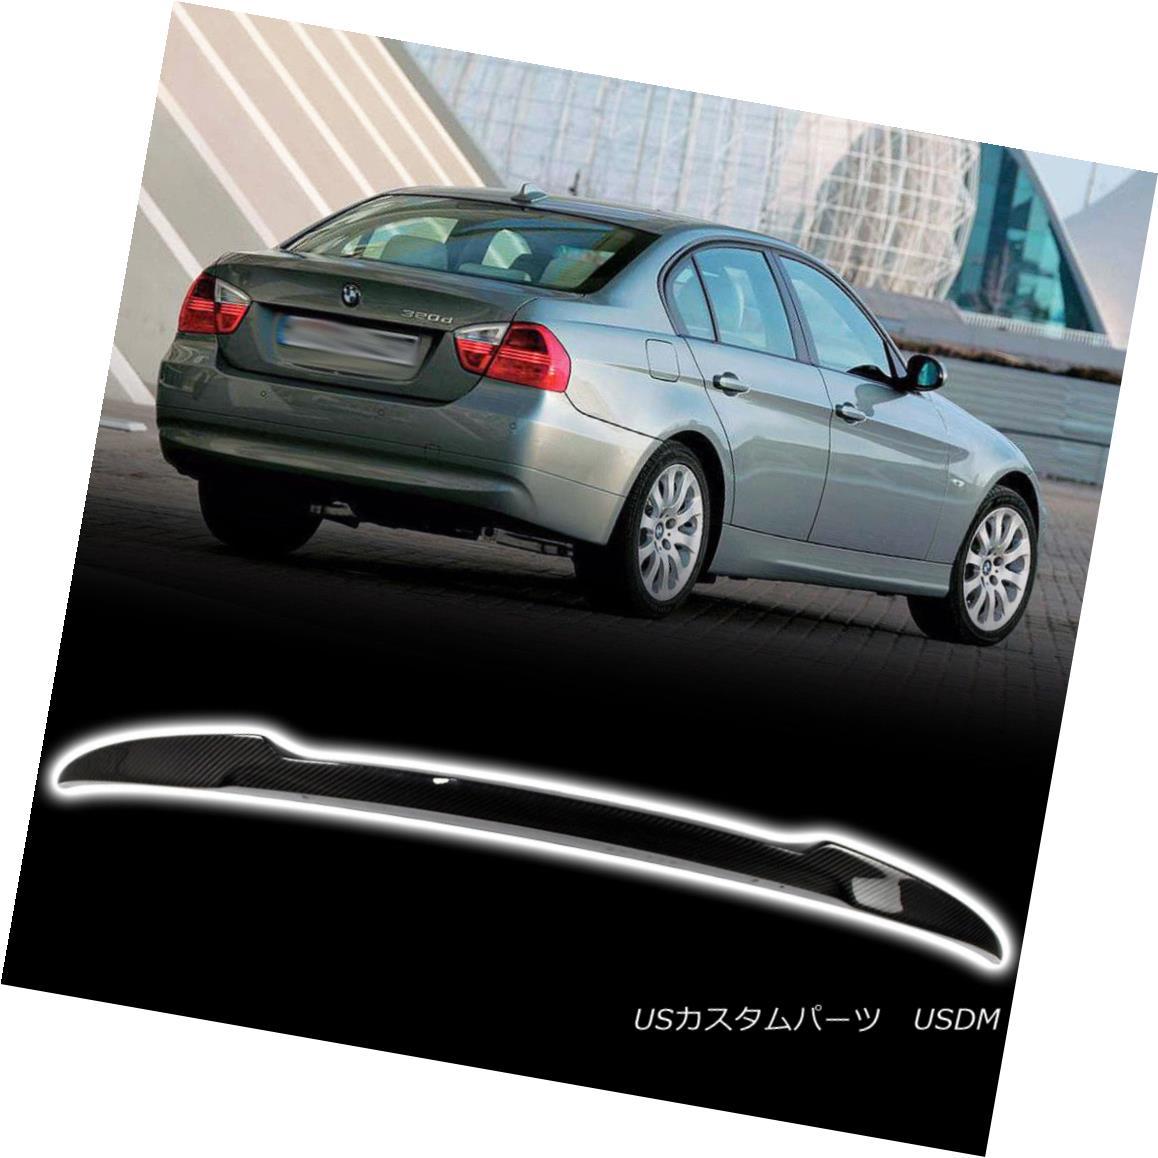 エアロパーツ Fit BMW 3 Series E90 Sedan 06-11 V Look Rear Trunk Spoiler Real Carbon Fiber フィットBMW 3シリーズE90セダン06-11 Vルーフリヤトランク・スポイラーリアルカーボン・ファイバー